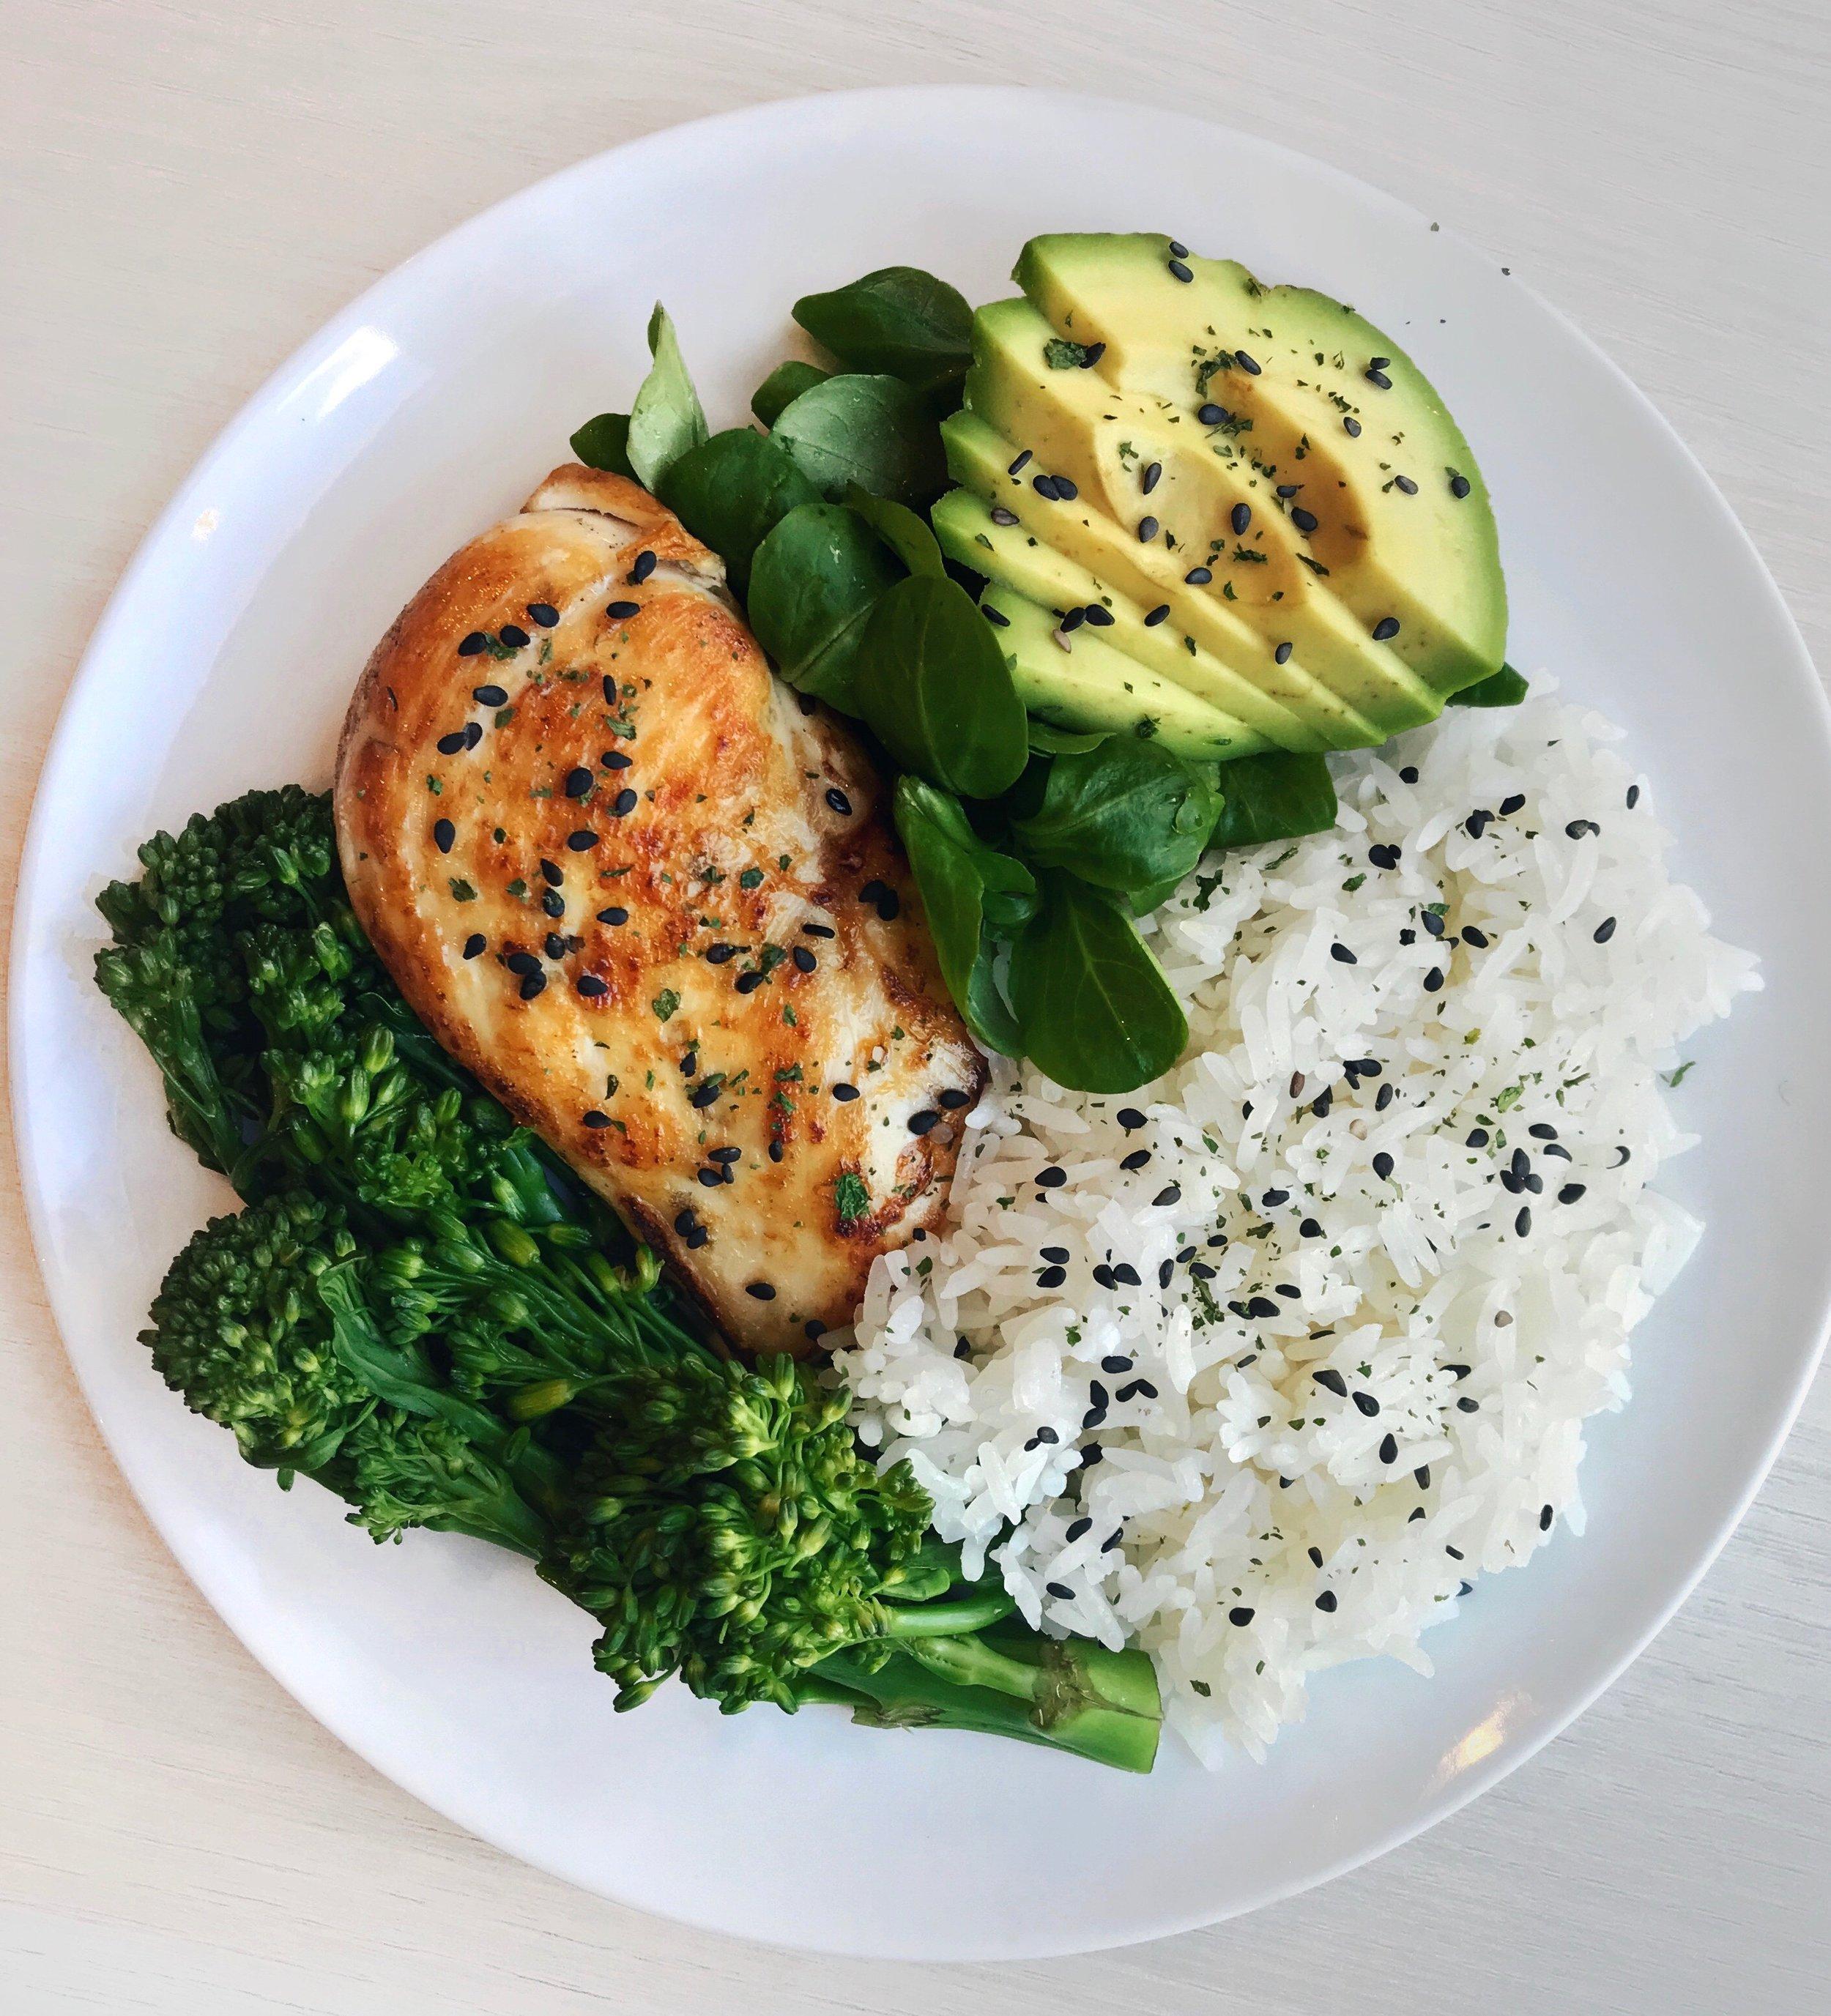 Poulet Grillé aux Herbes, Riz & Légumes Verts - Poulet grillé (cuit quelques minutes à feu moyen avec un peu d'huile d'olive et du coriandre) + riz basmati cuit vapeur + avocat + salade mâche + graines de sésame